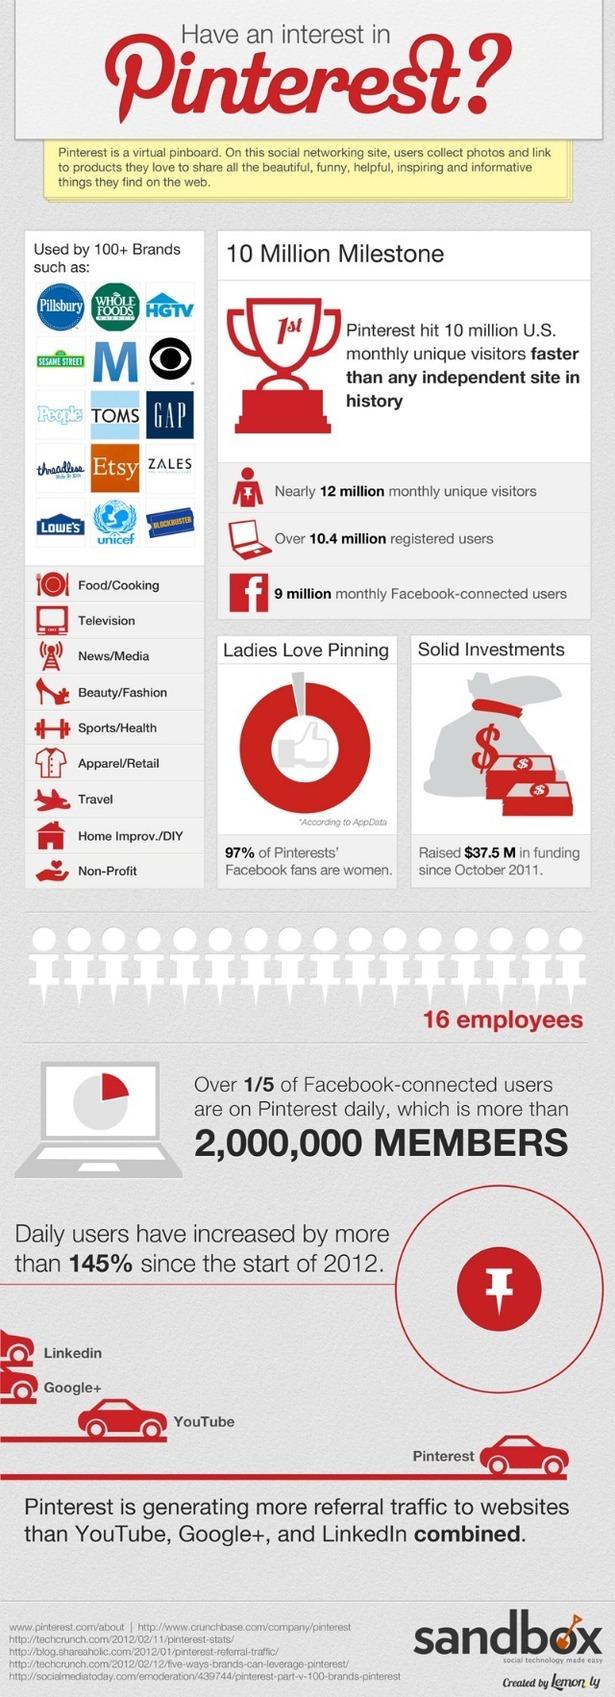 pinterest infographic 640 blog full 1